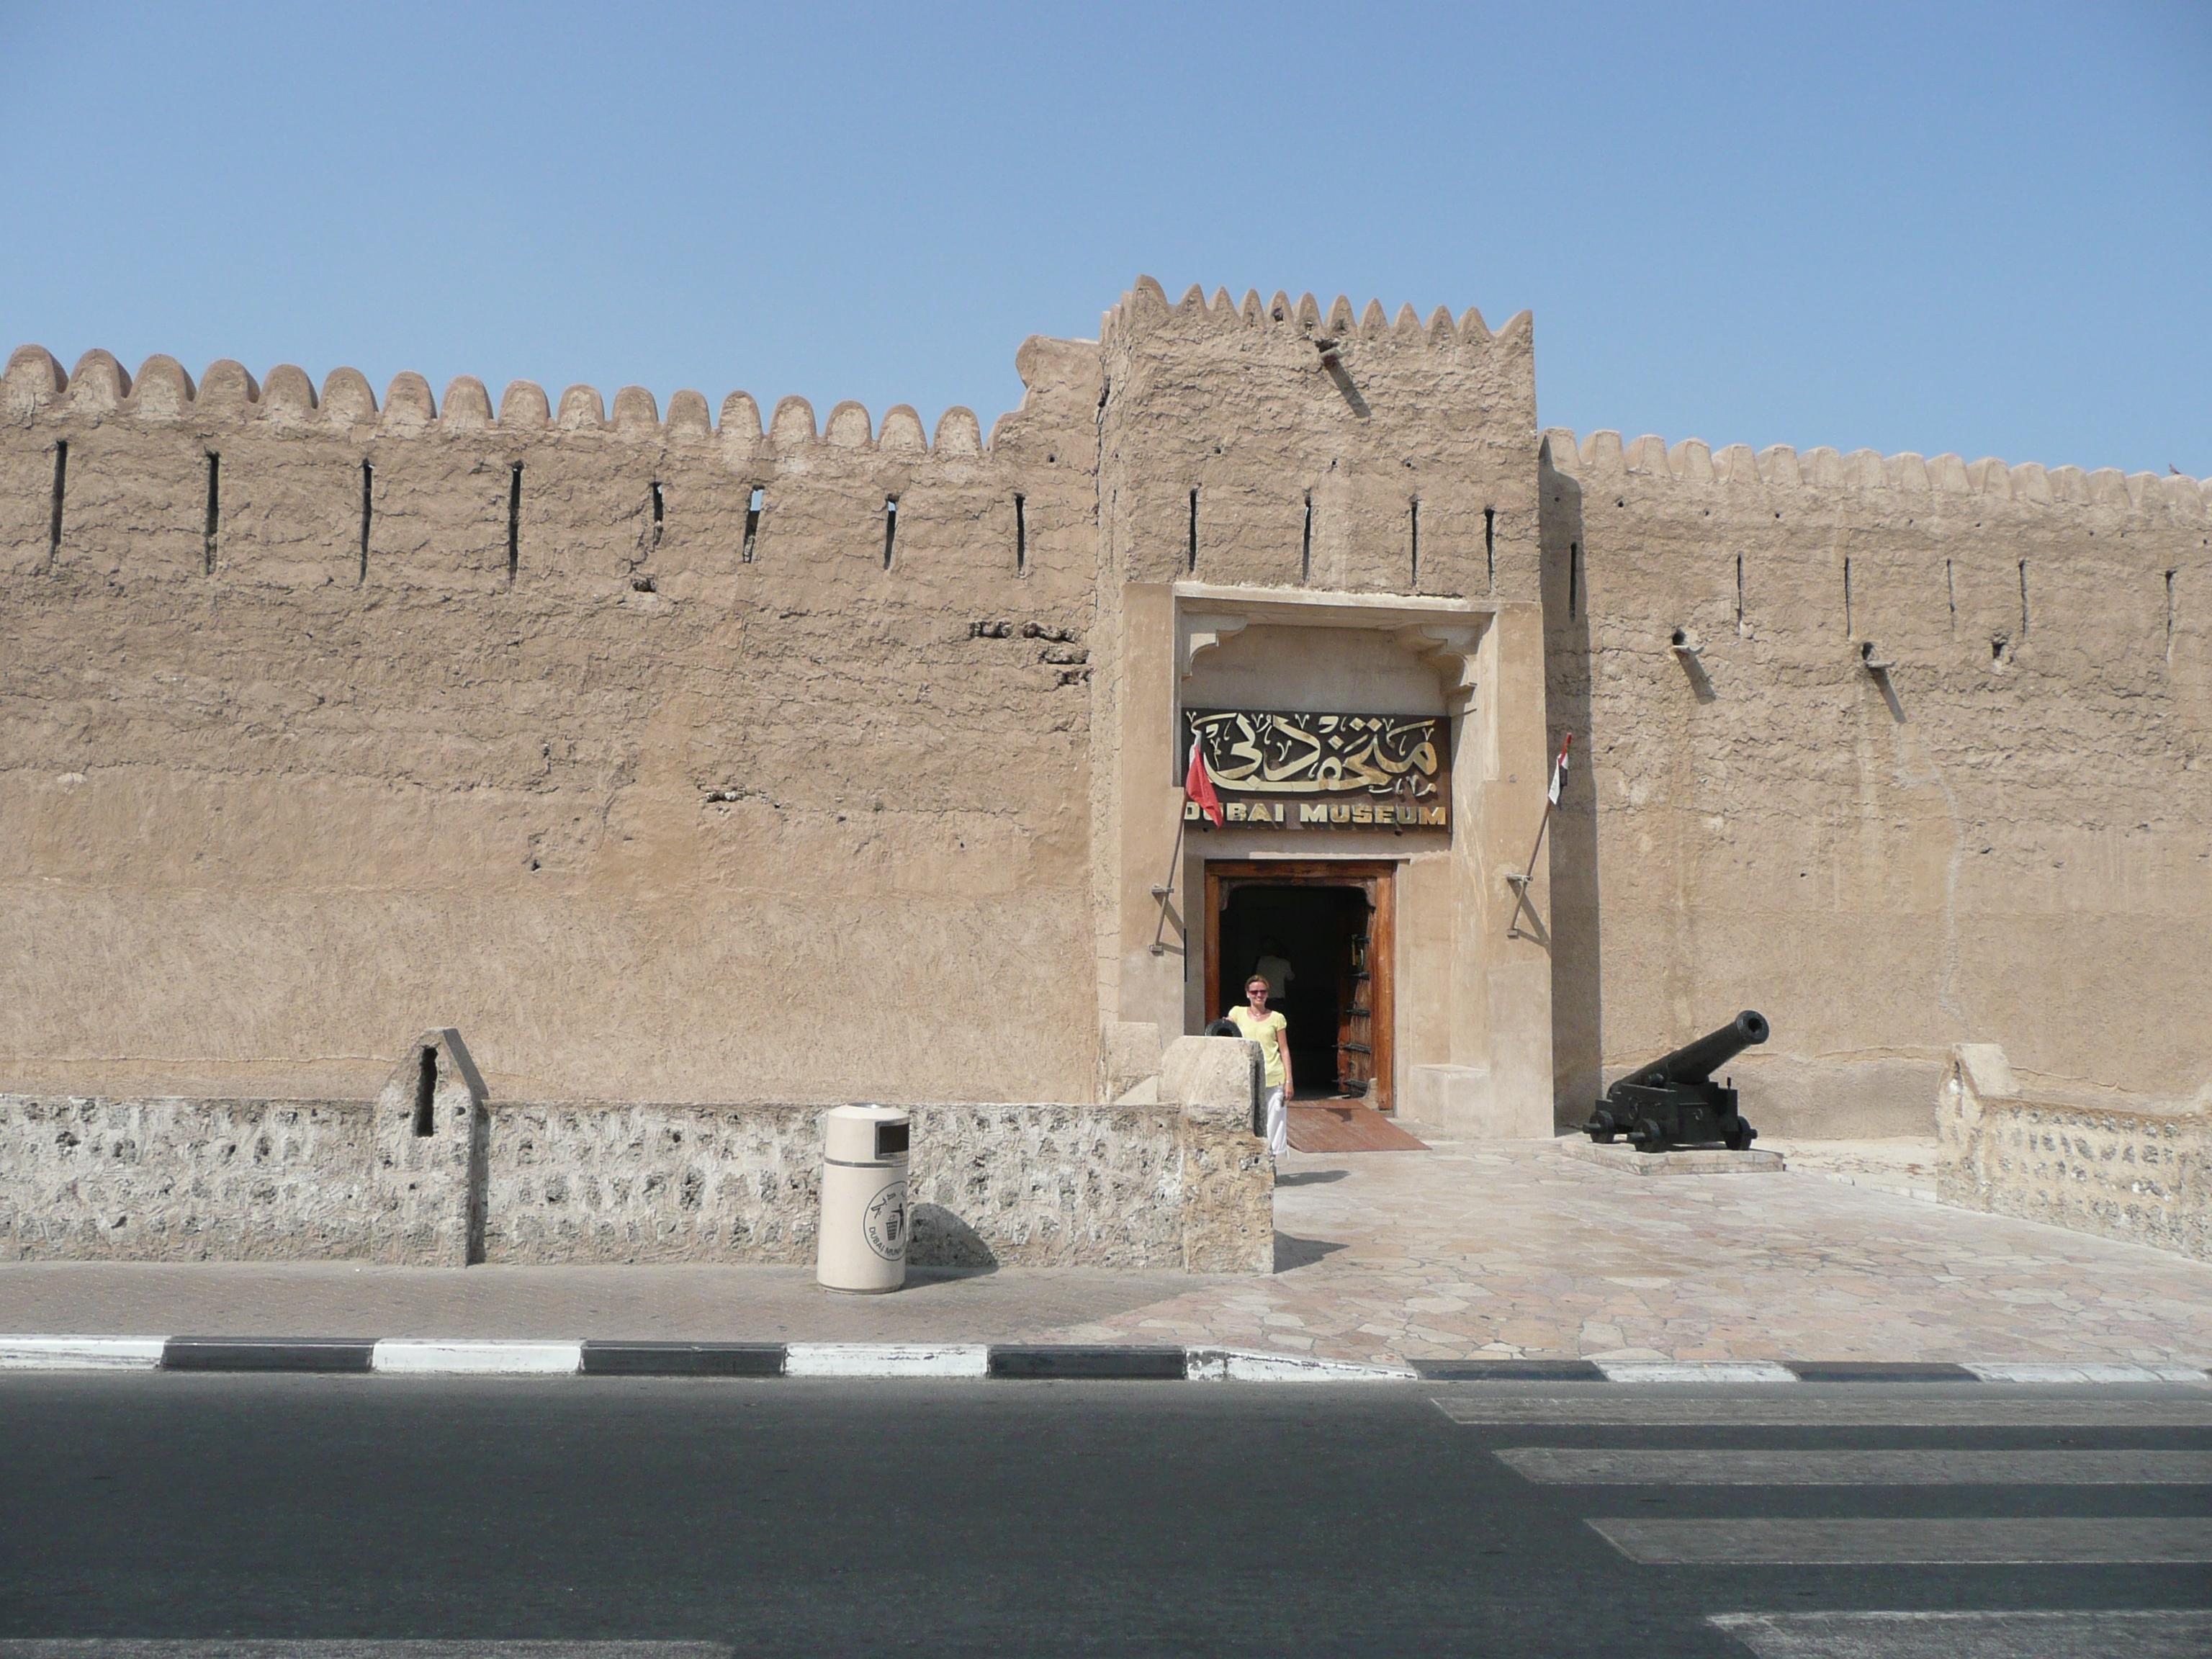 Dubai museum entrane